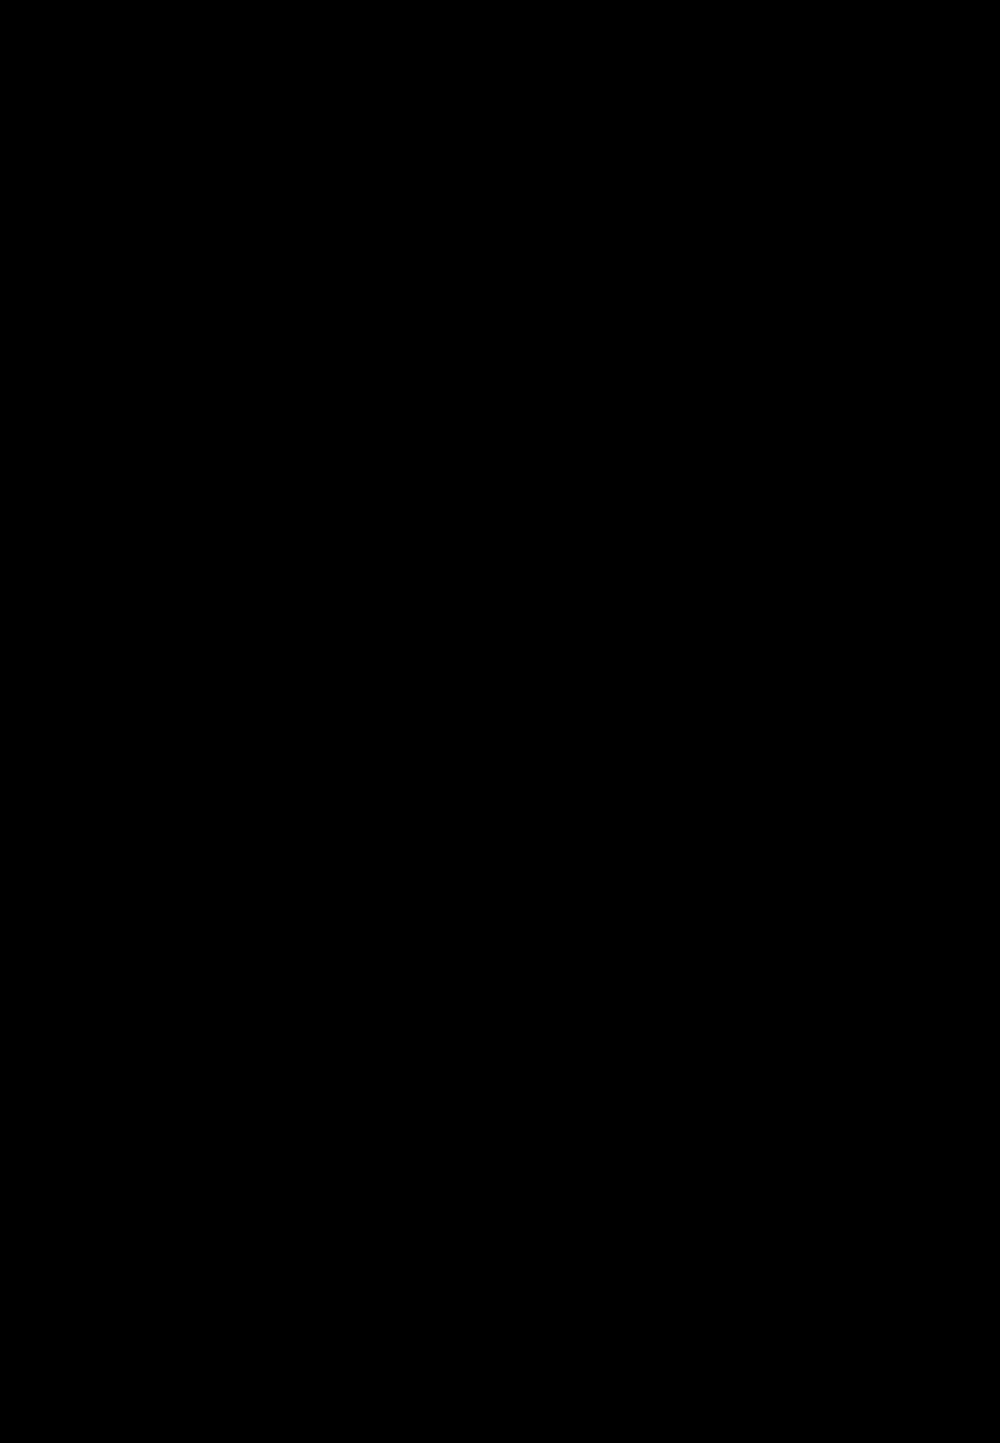 nicolas duvauchelle instagram